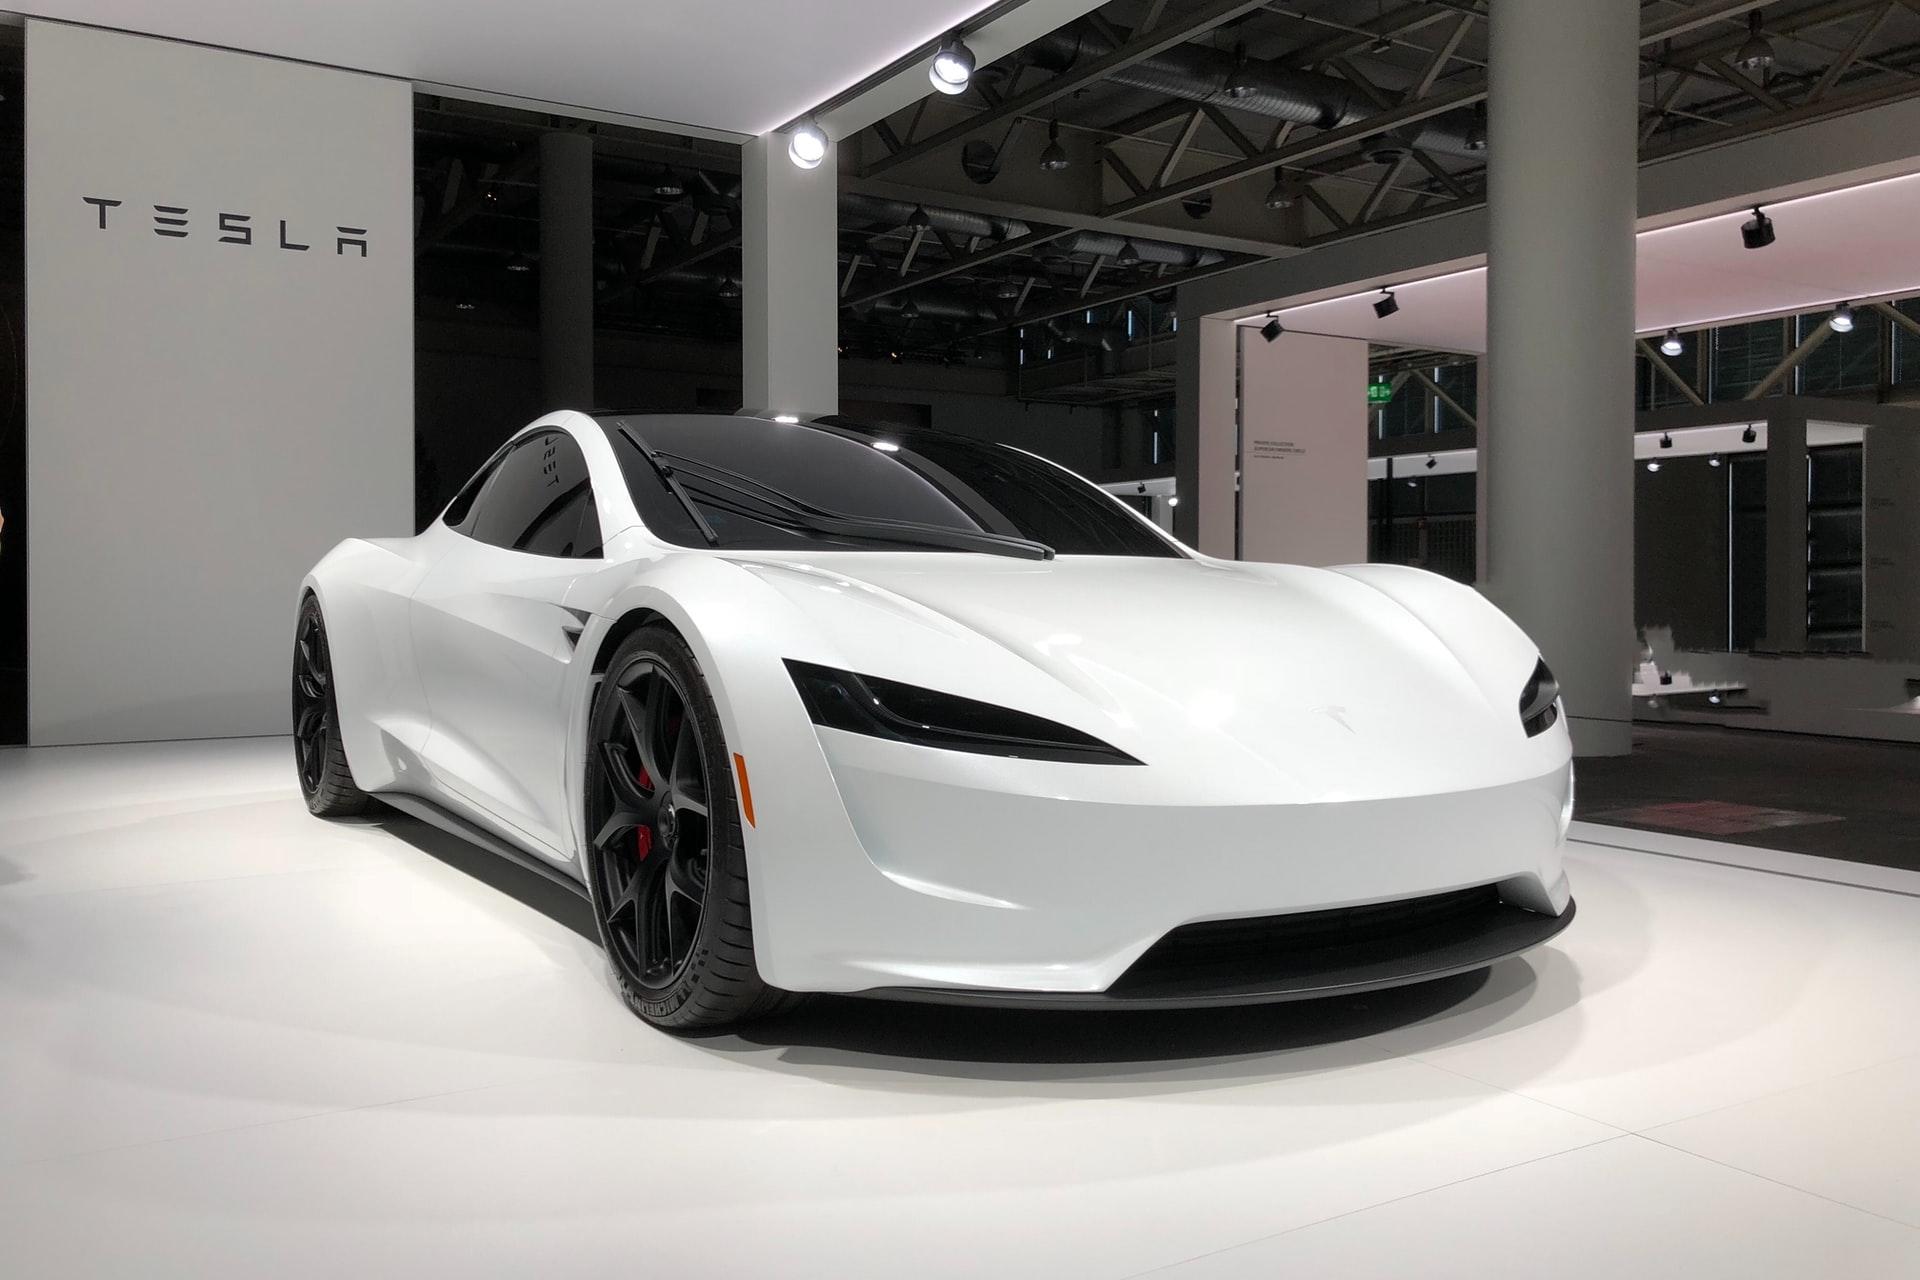 Конкурент Tesla Cybertruck прошёл «Врата Ада»: первым серийным электрическим пикапом на этом маршруте стал Rivian R1T